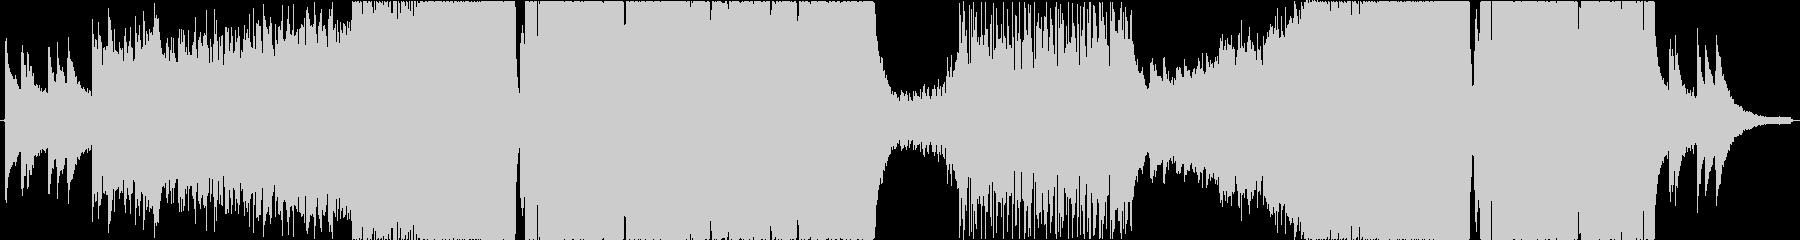 トランス系ダブステップの未再生の波形